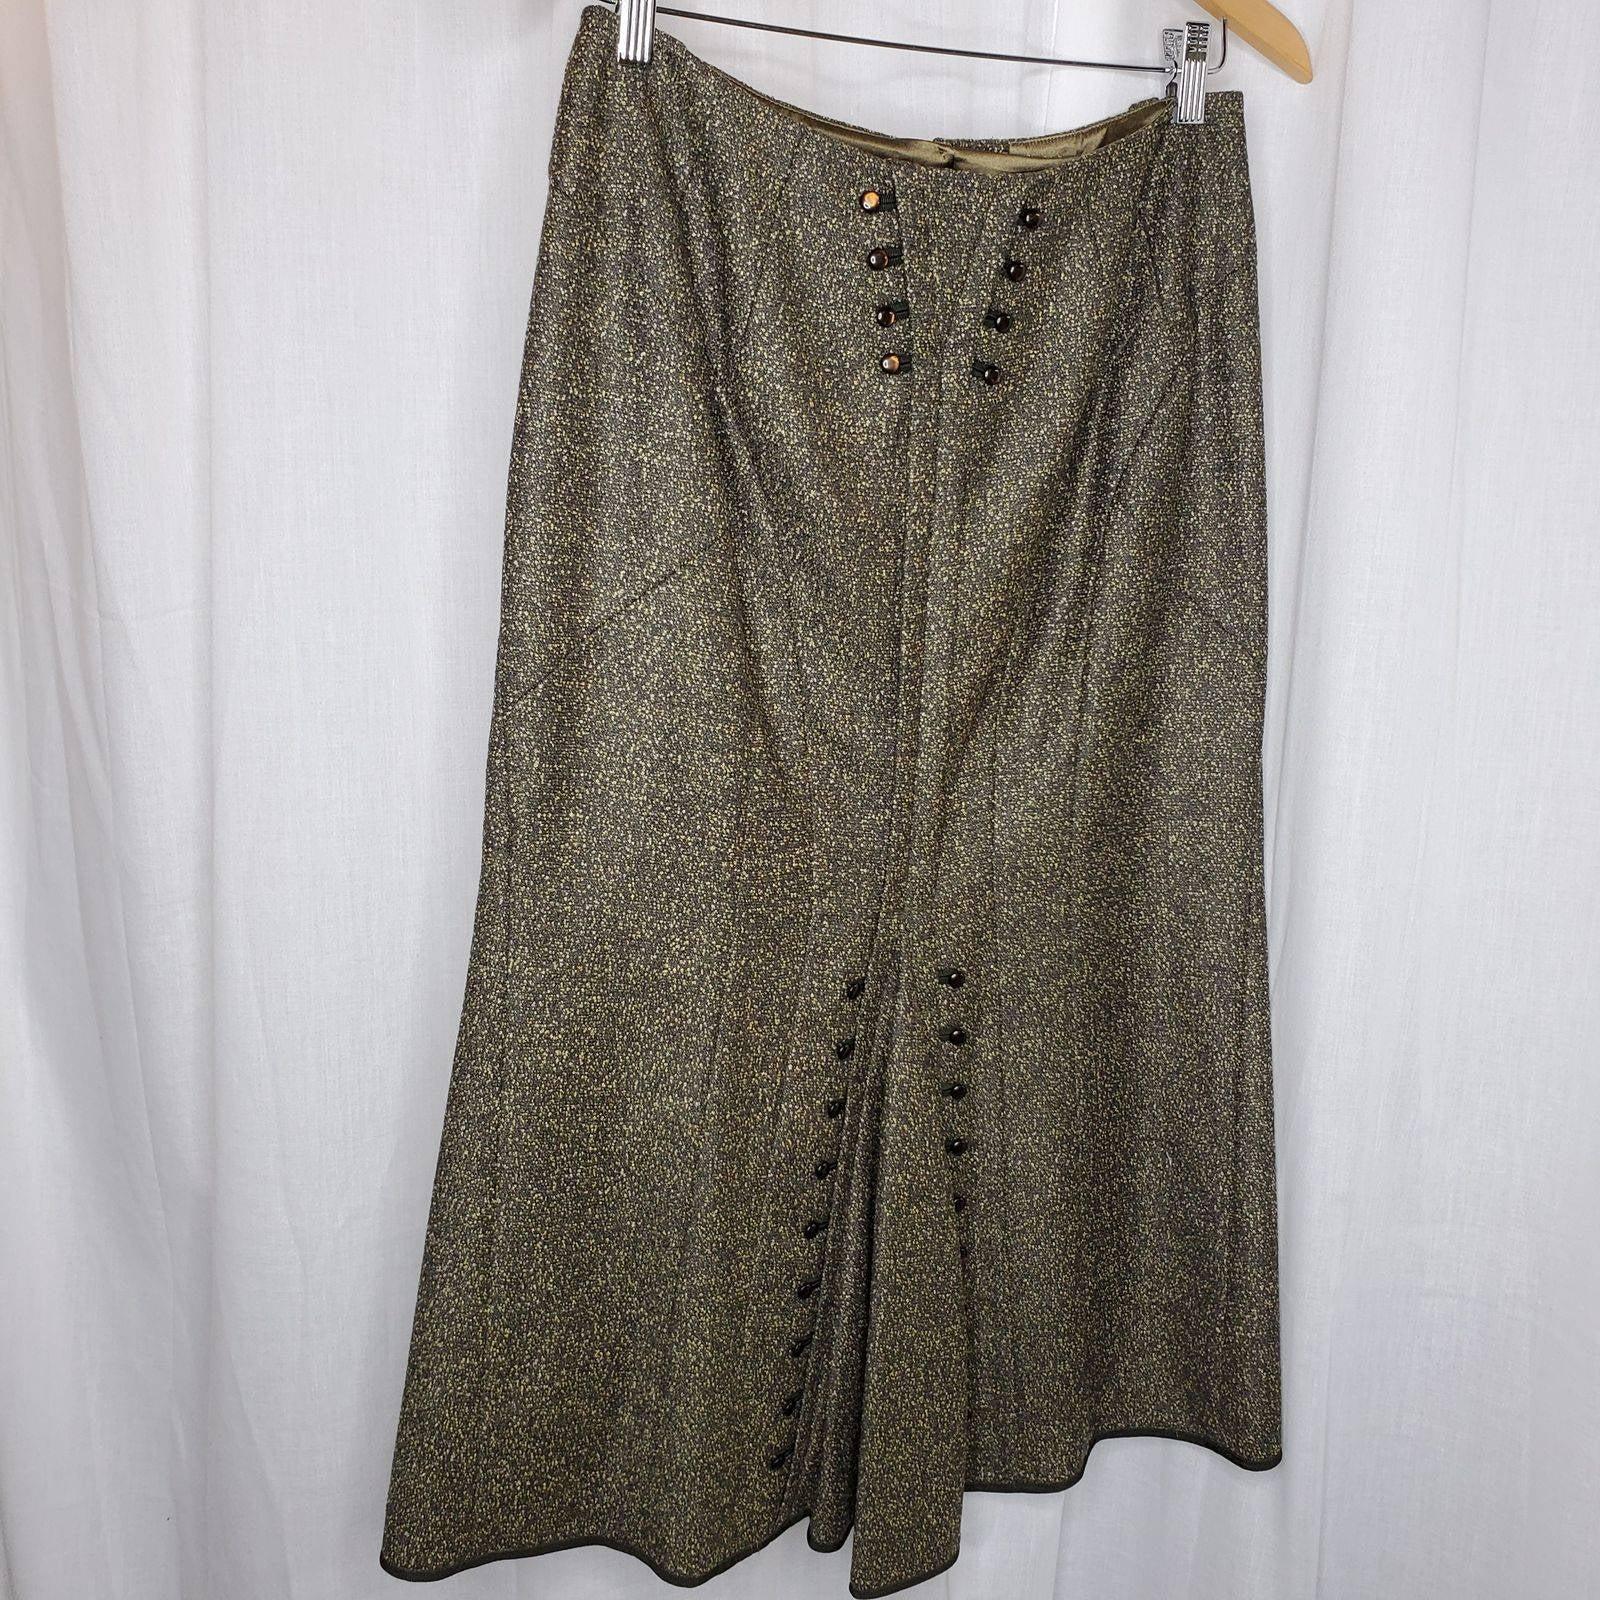 Per Se Olive Tweed Vintage Look Skirt, 6